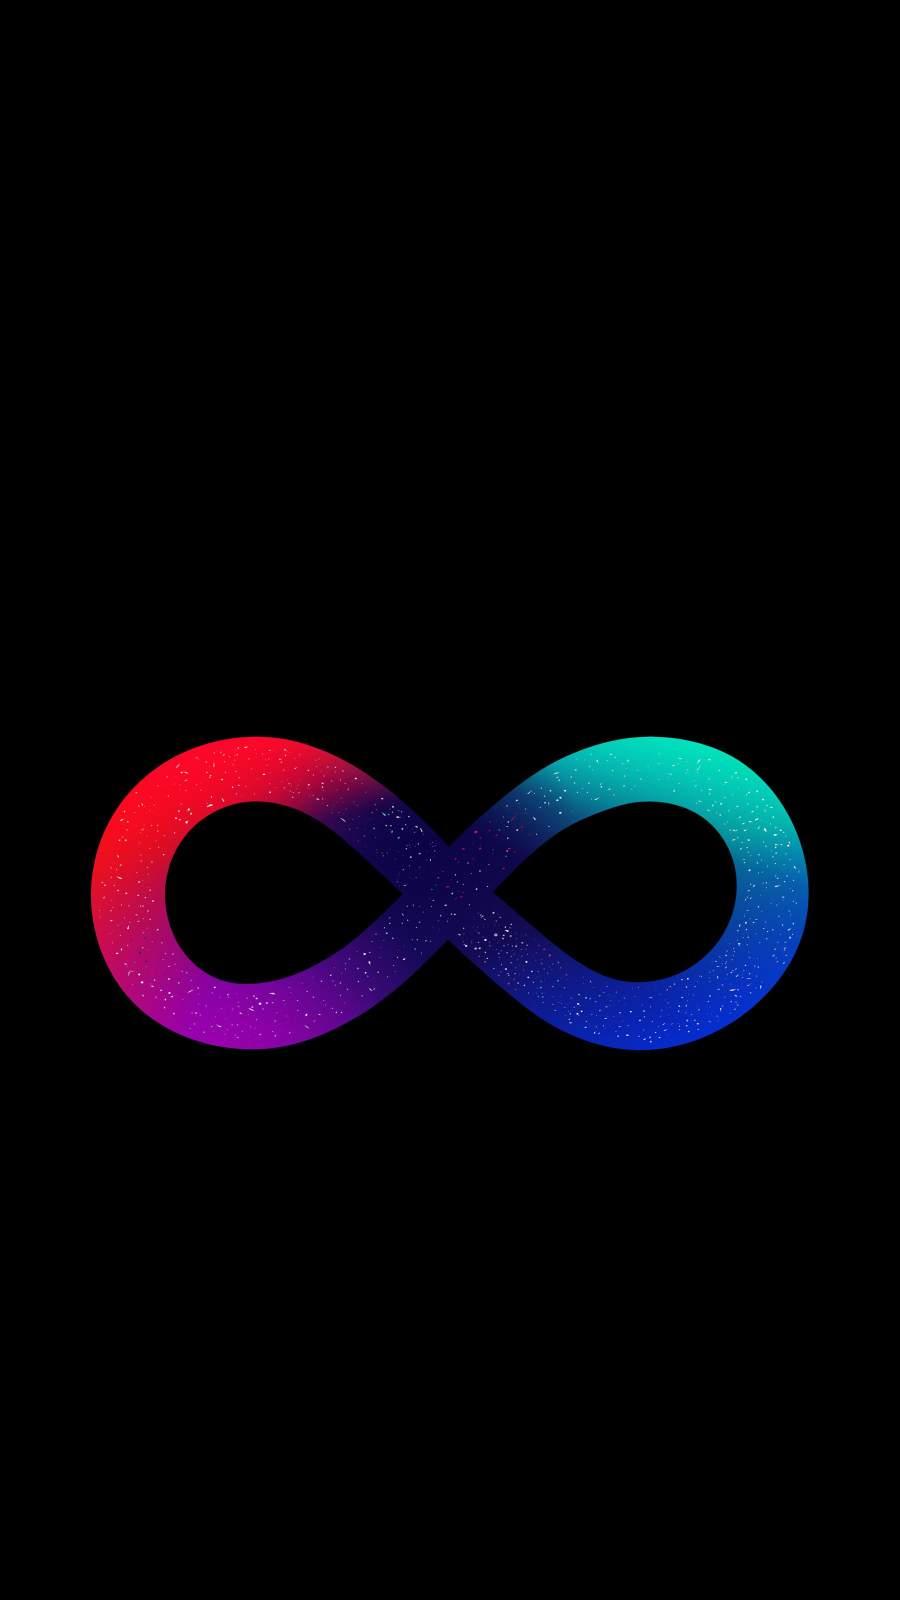 Infinity iPhone Wallpaper